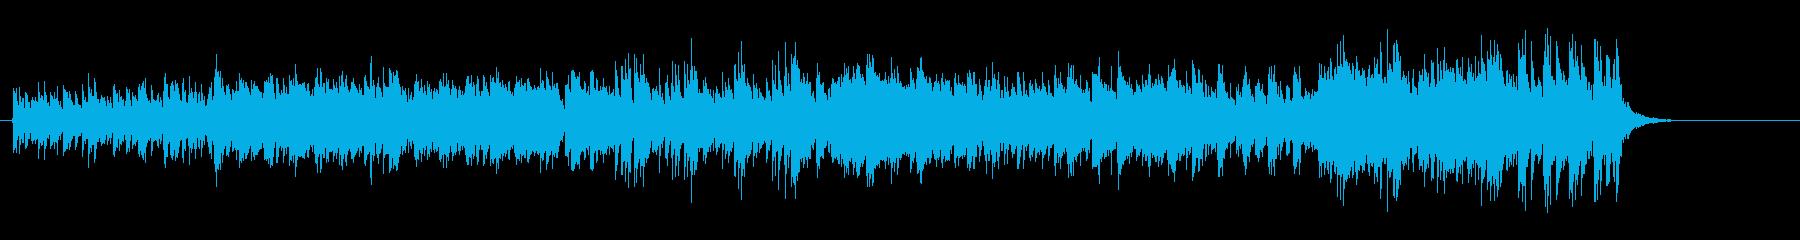 中近東風ワールド・ミュージック系BGMの再生済みの波形